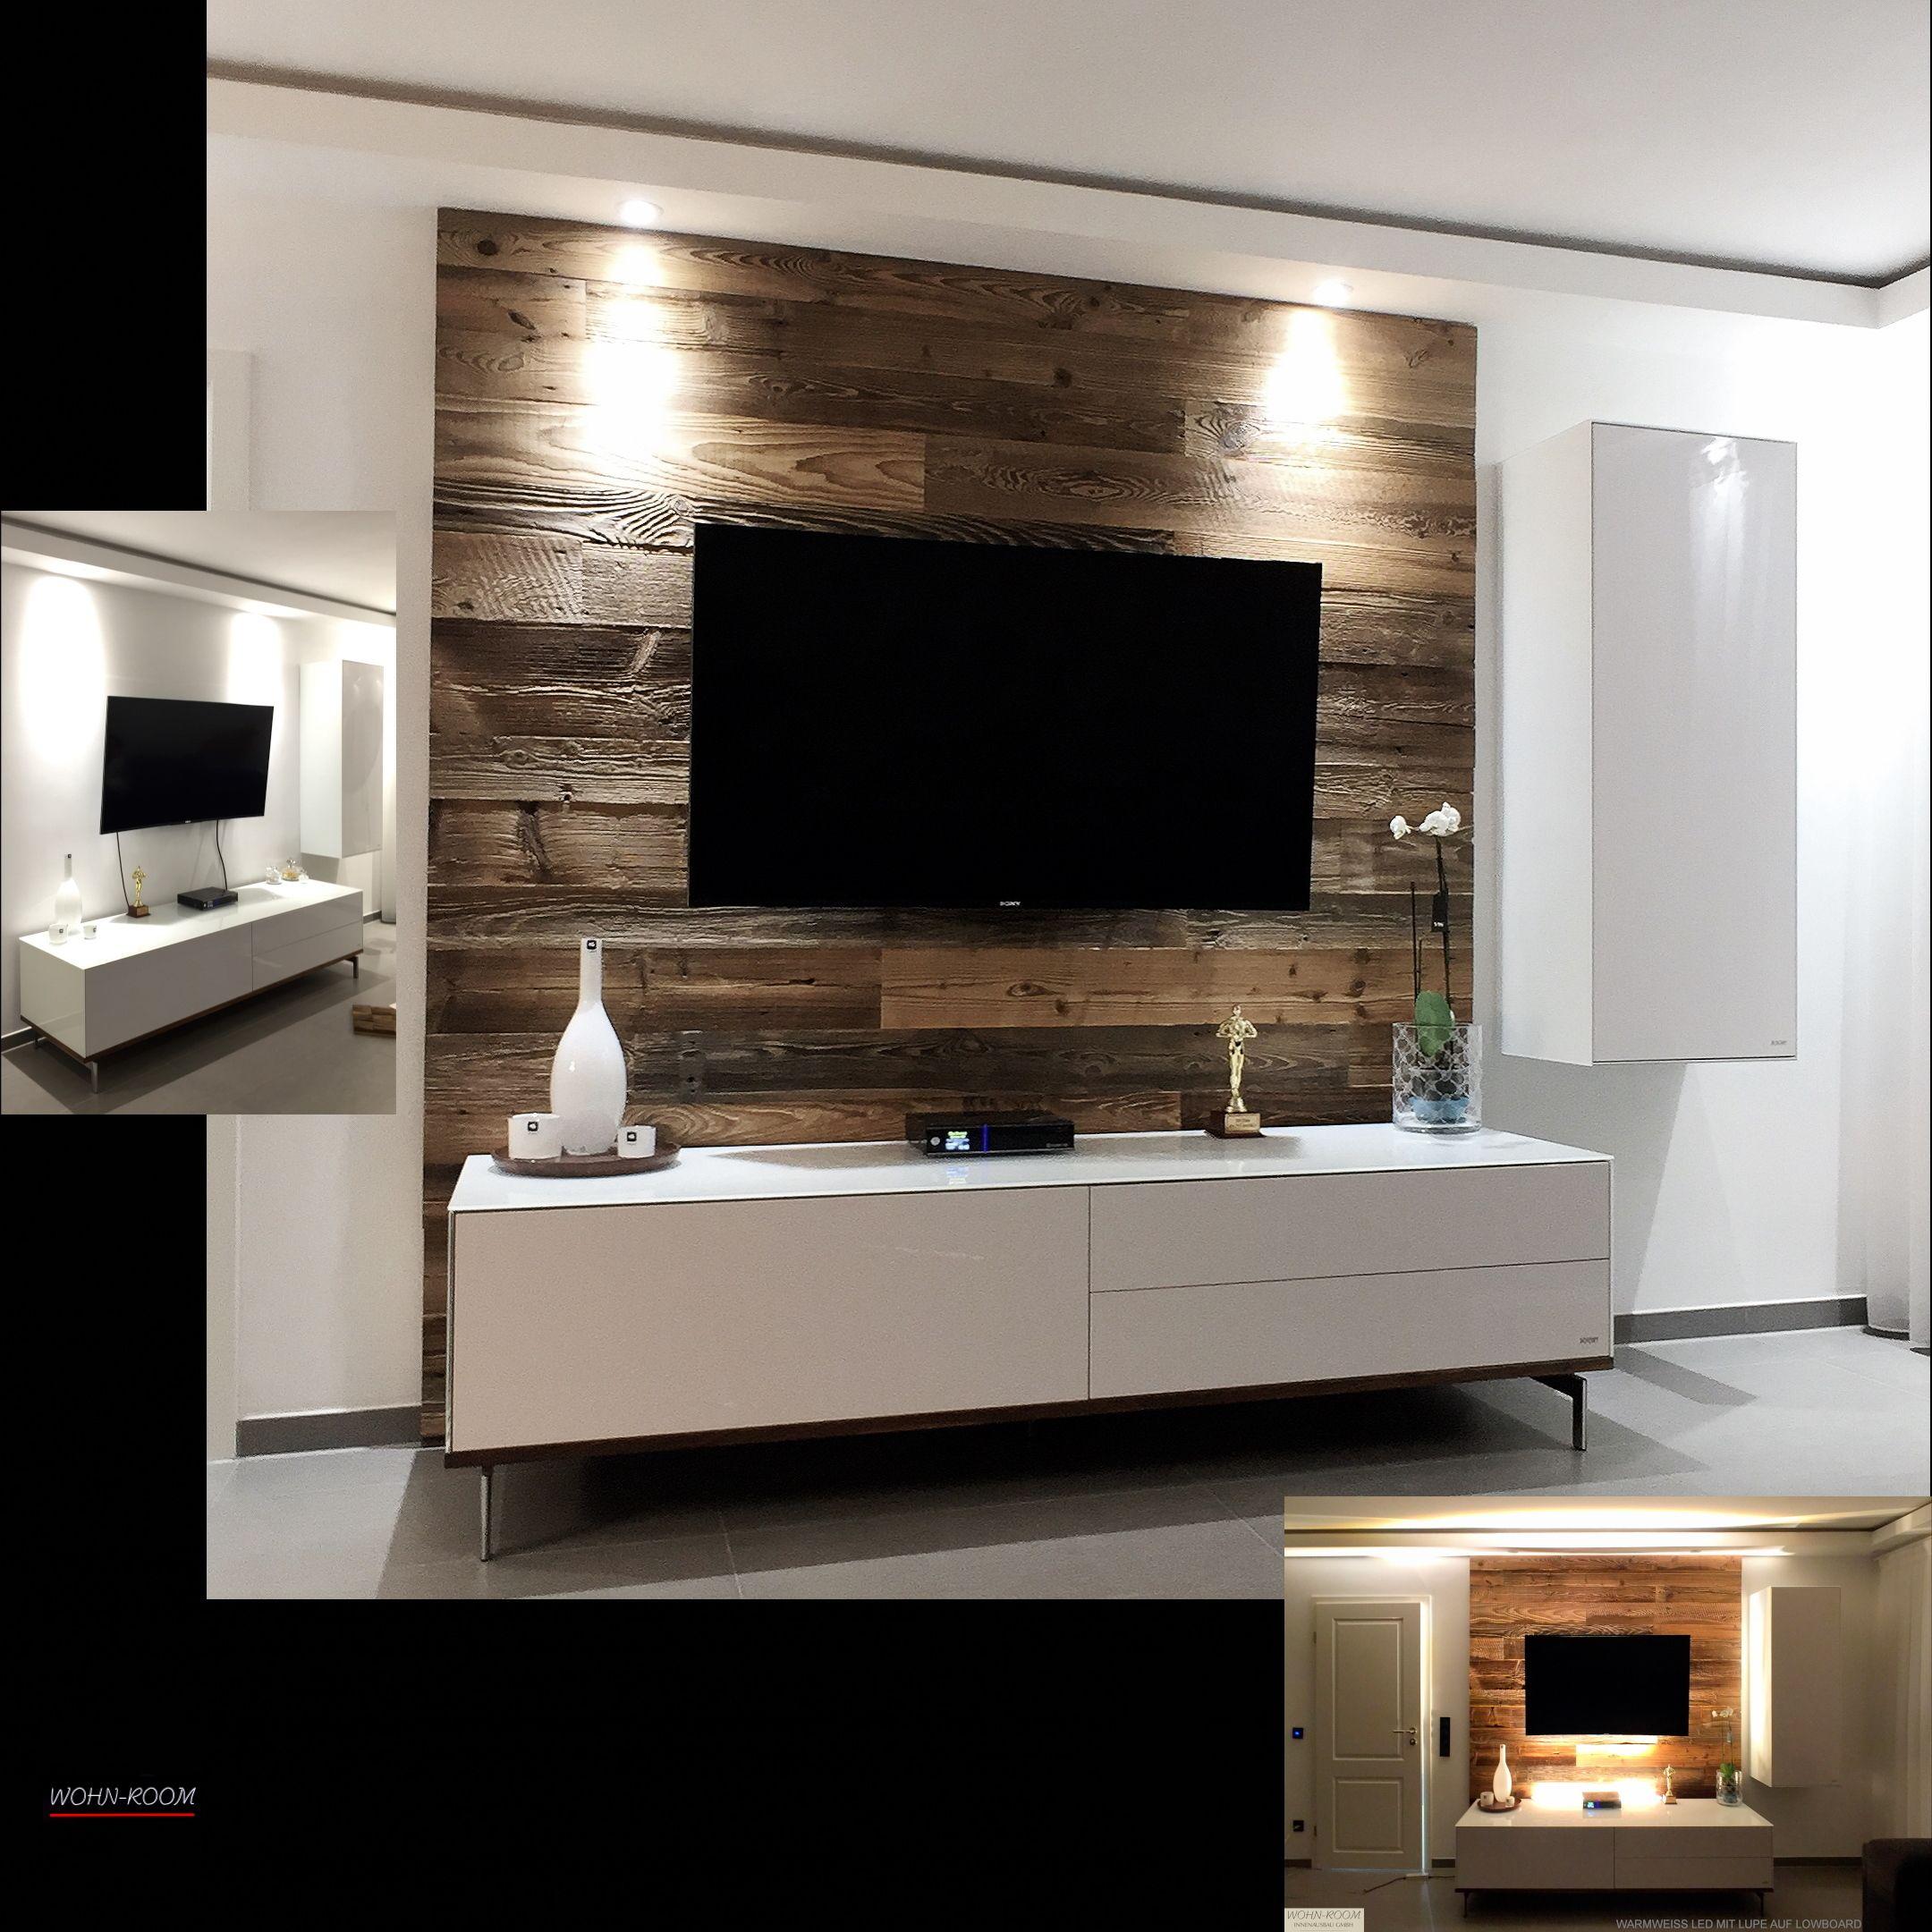 Tv Rückwand Aus Unserem Scheunenholz Hier Je Mit Kalt Und Warmlicht Holzwand Wohnzimmer Scheunenholz Holz Wohnzimmer